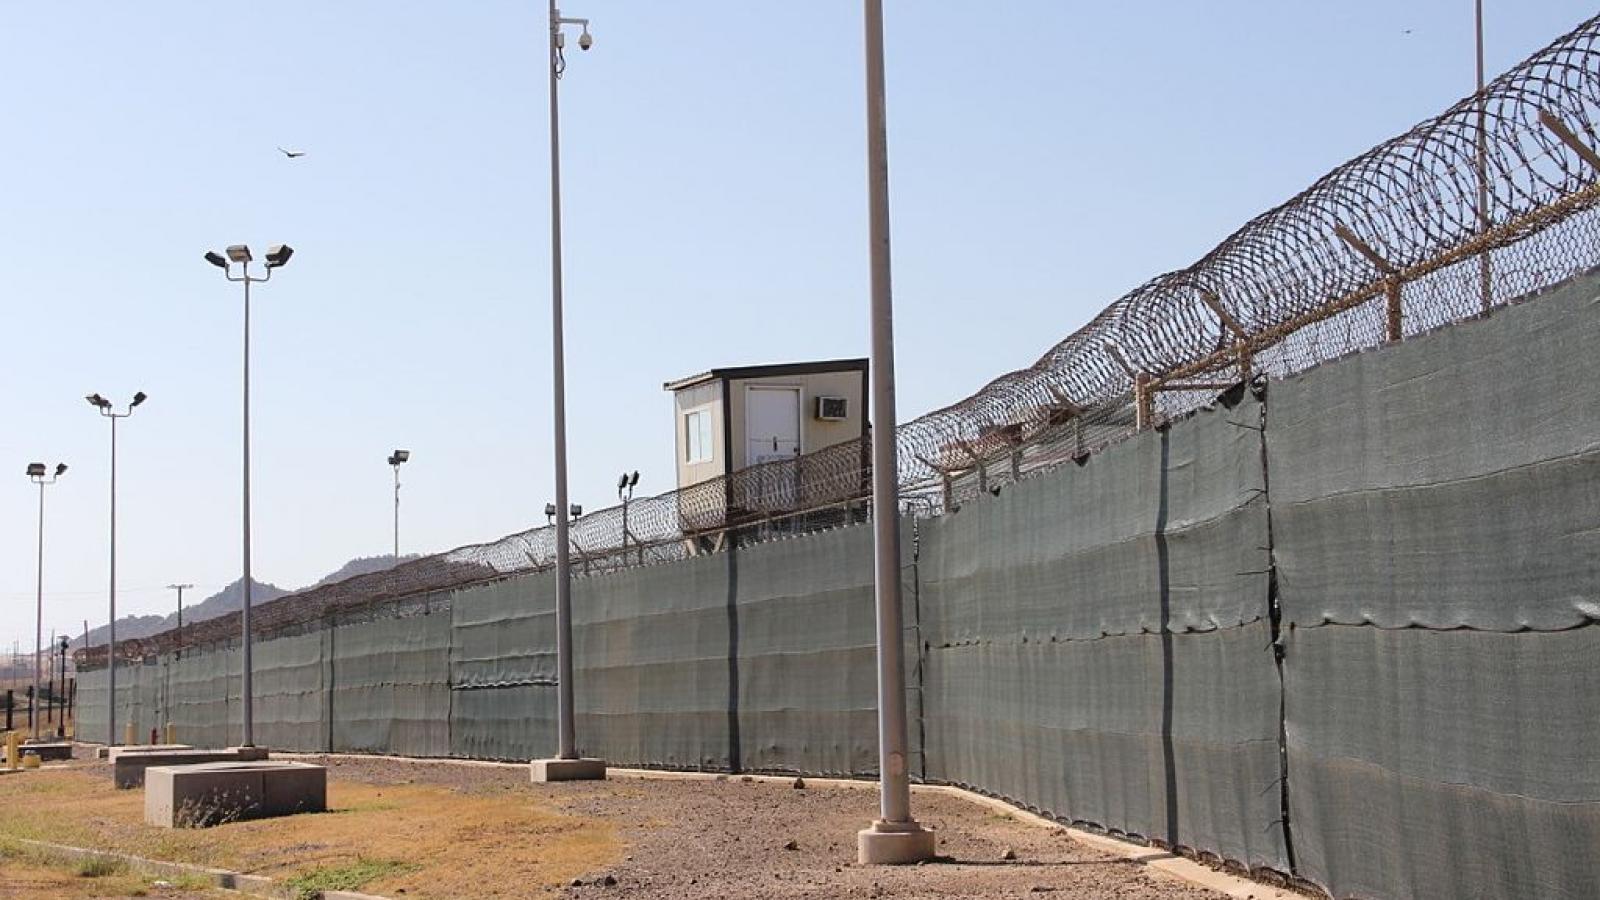 U.S. Military Prison, Guantanamo Bay, Cuba